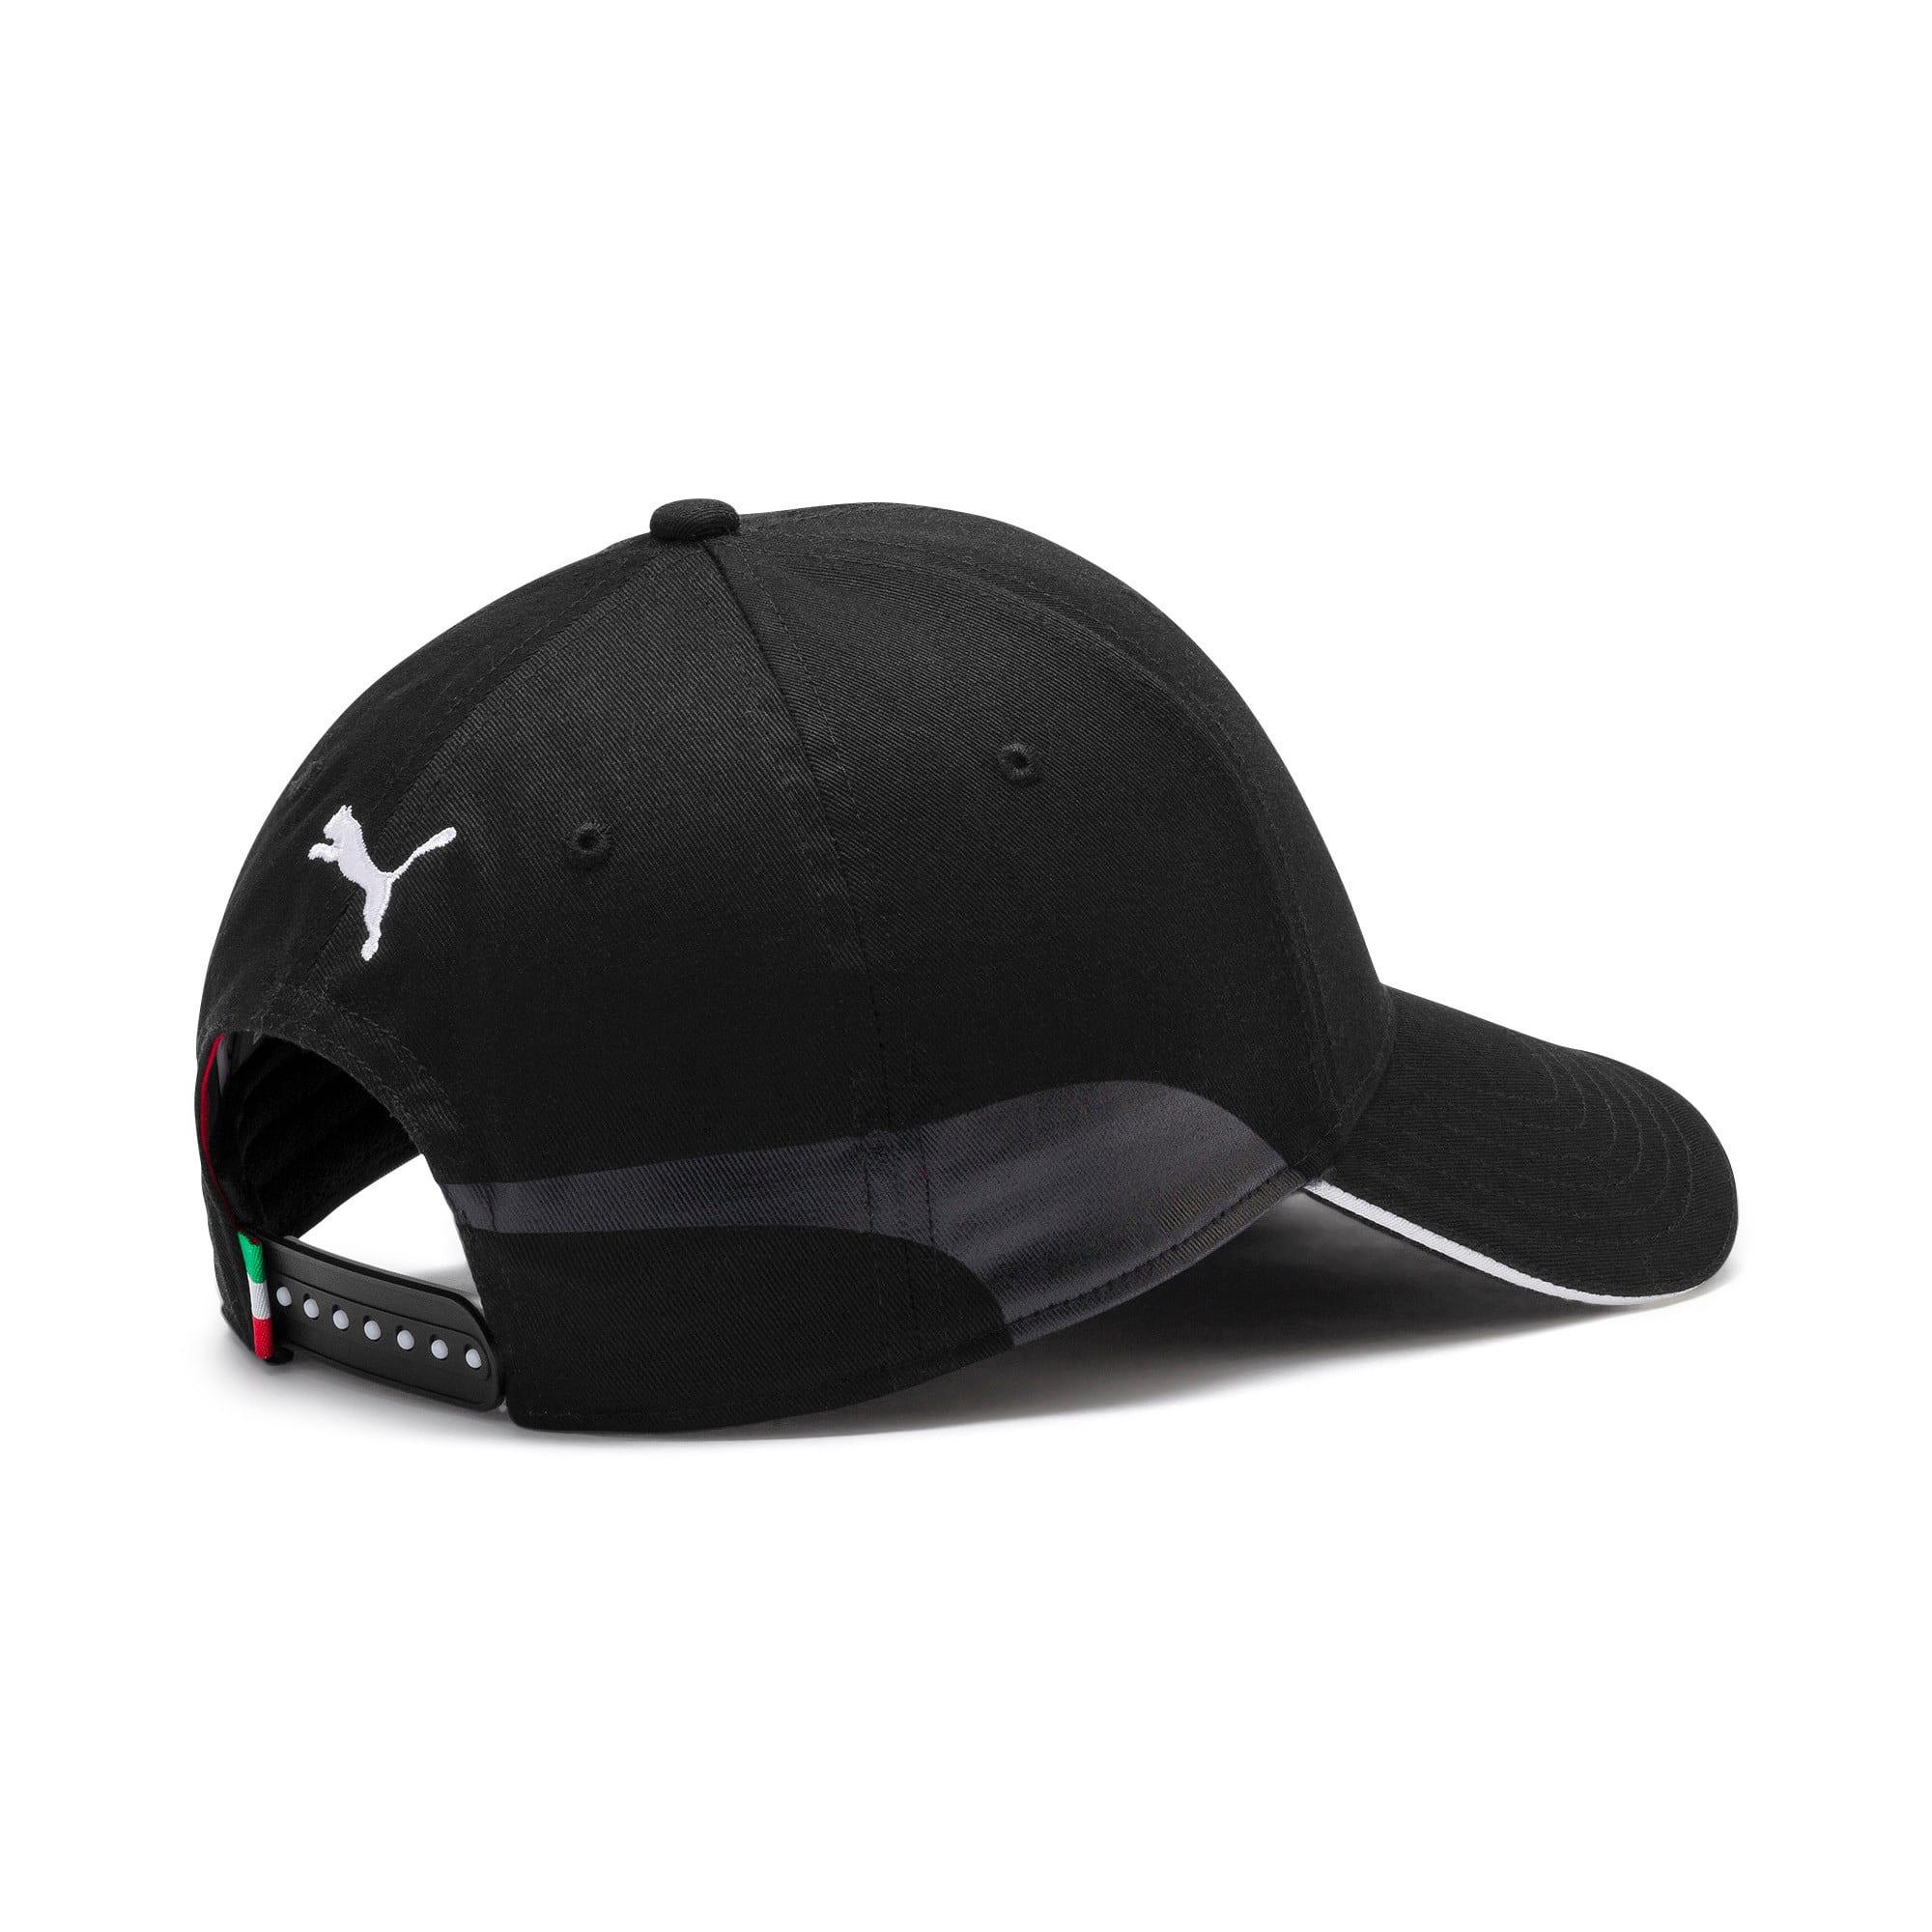 Thumbnail 2 of Ferrari Fanwear Cap, Puma Black, medium